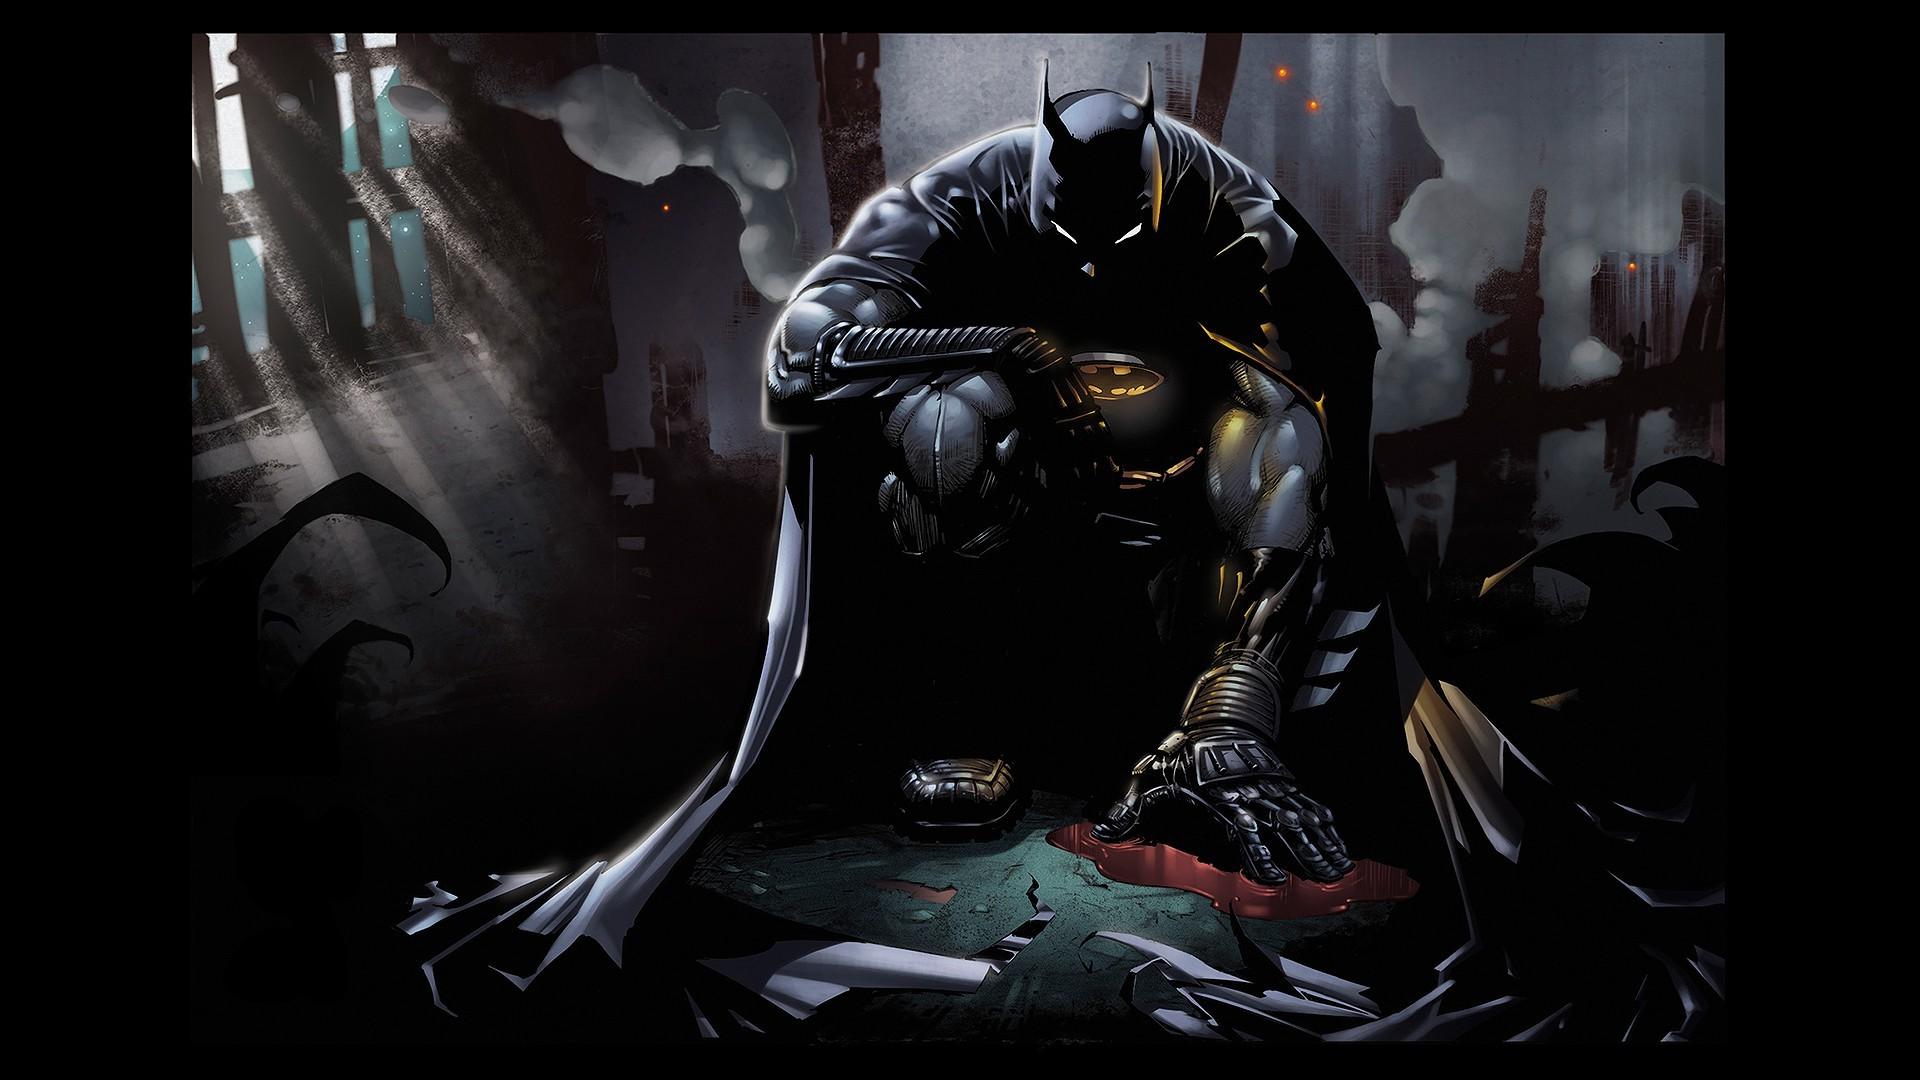 wallpaper : 1920x1080 px, batman, dc comics 1920x1080 - goodfon